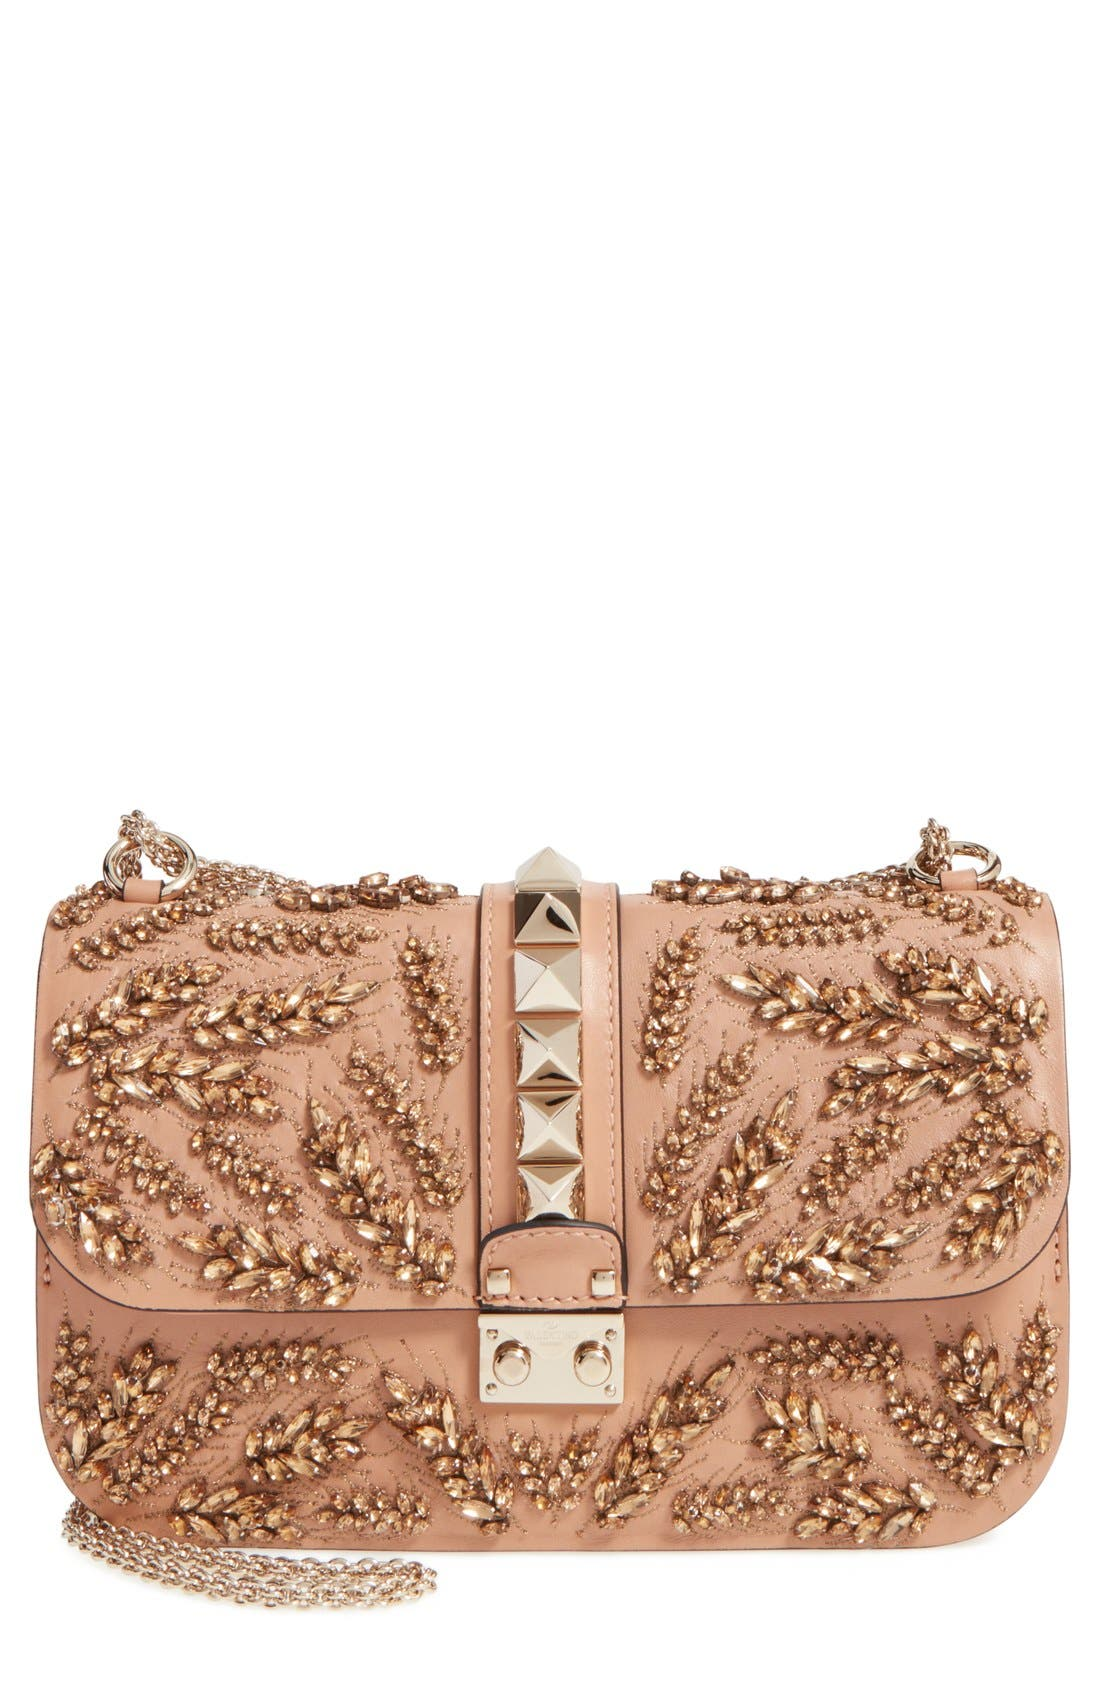 Main Image - Valentino 'Rockstud Embellished - Medium Lock' Leather Shoulder Bag